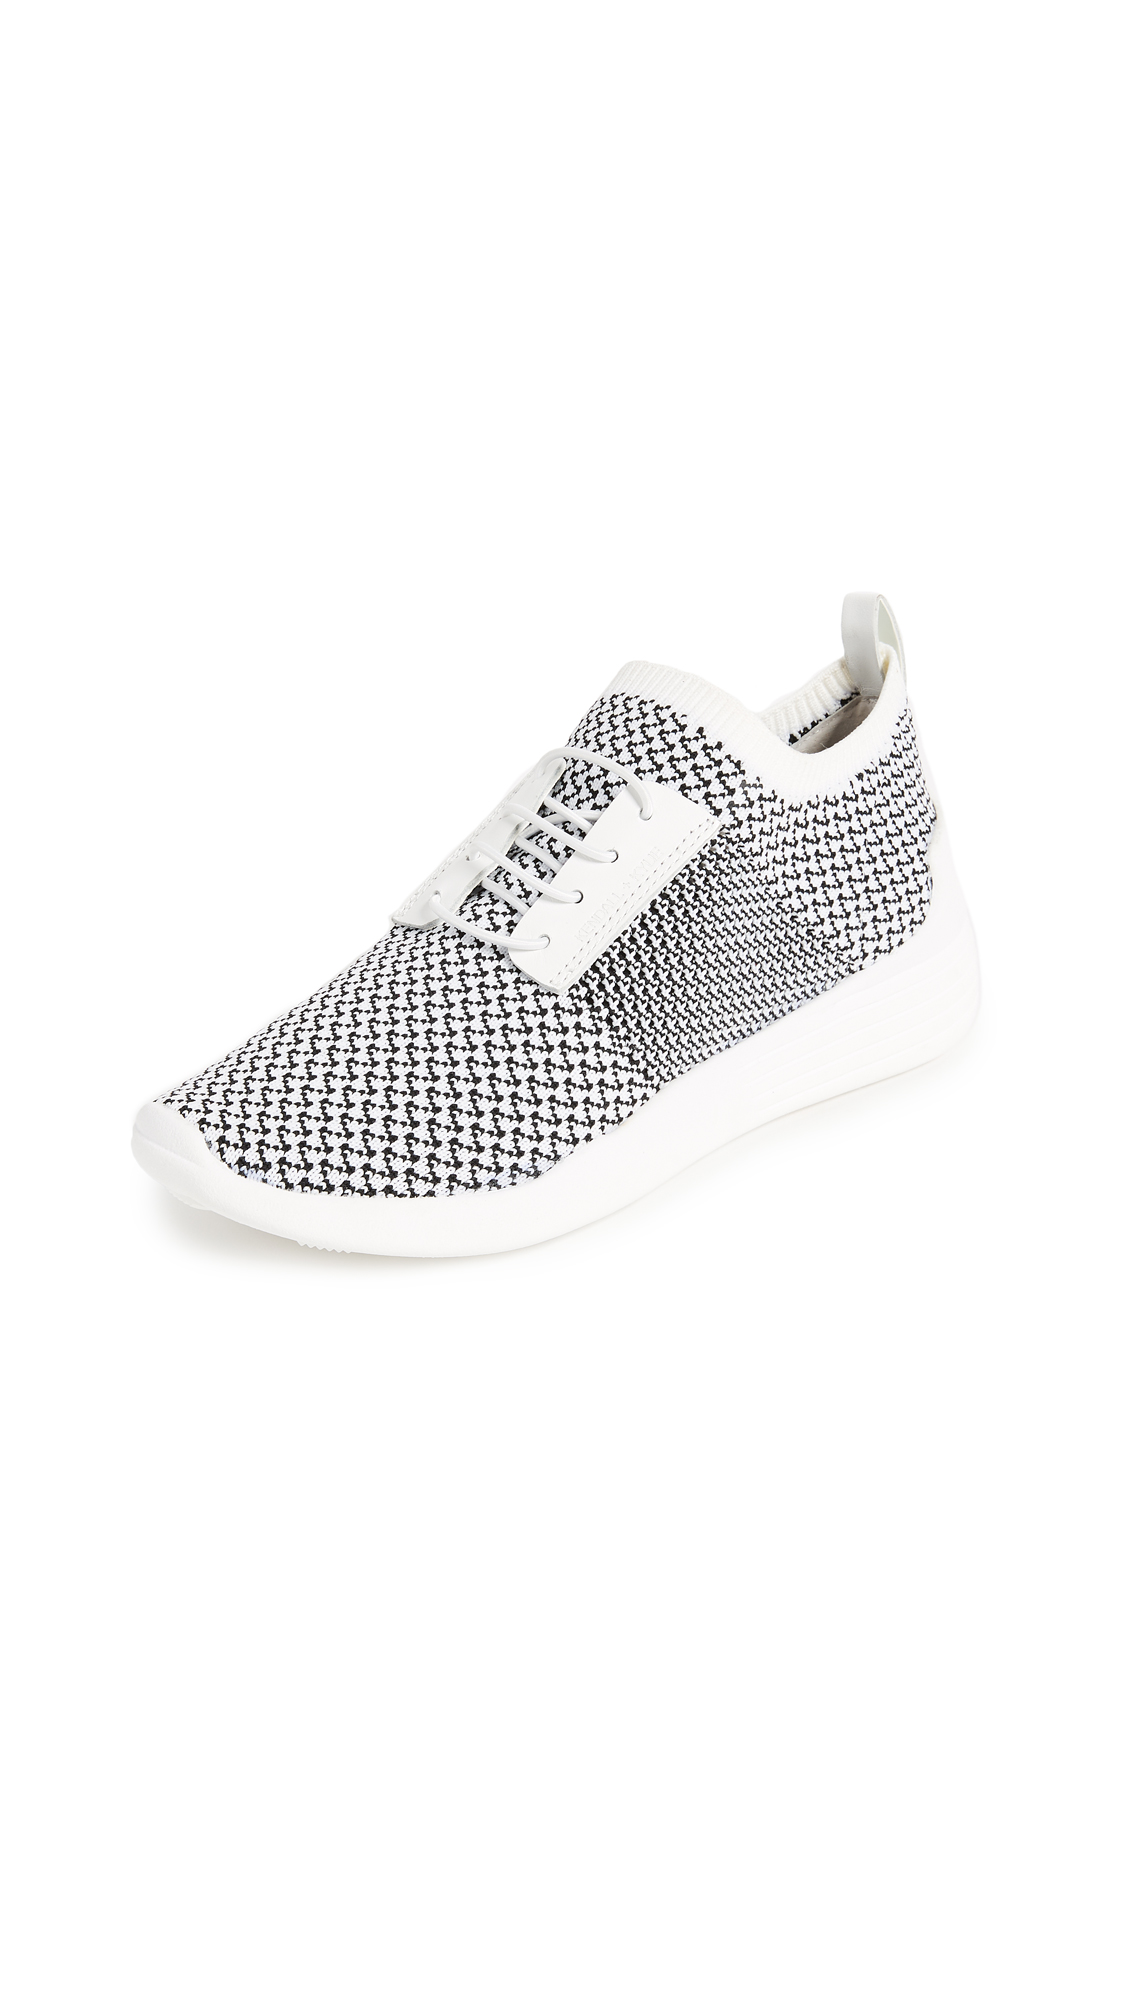 KENDALL + KYLIE Brandy Sneakers - Black/White